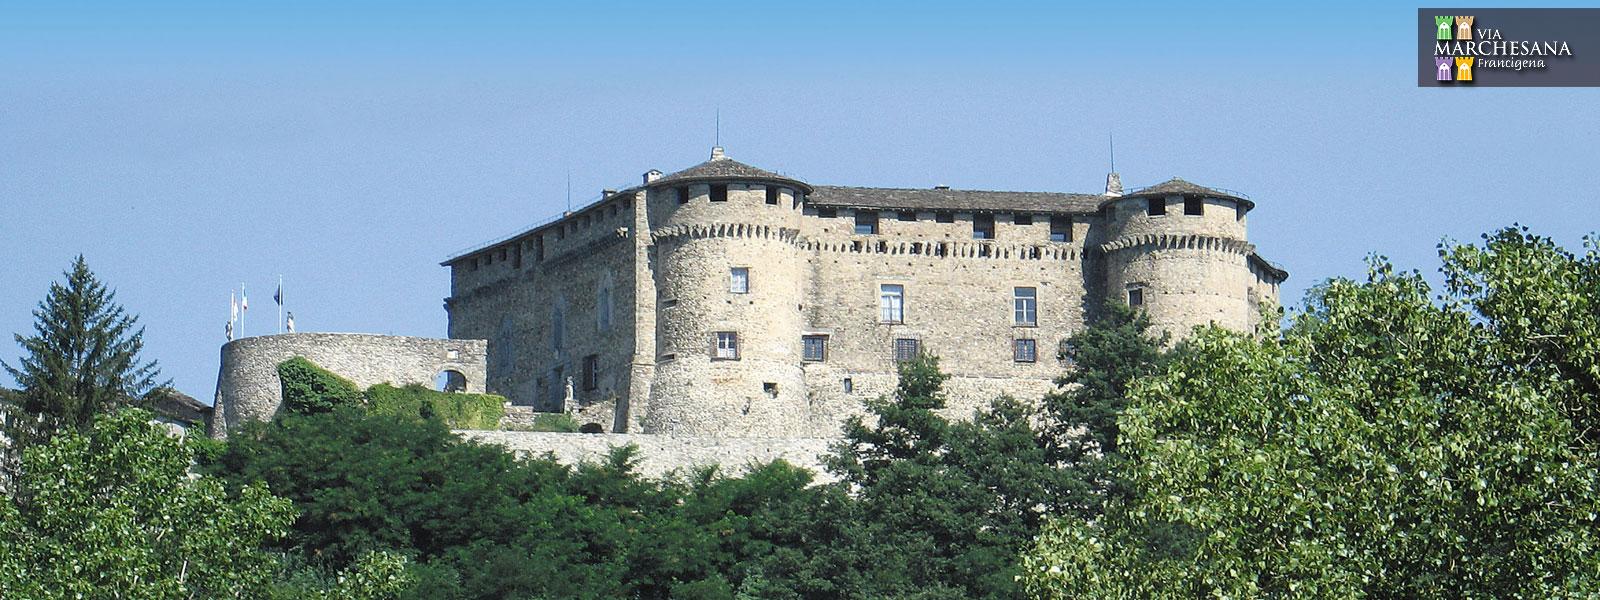 castello-di-compiano